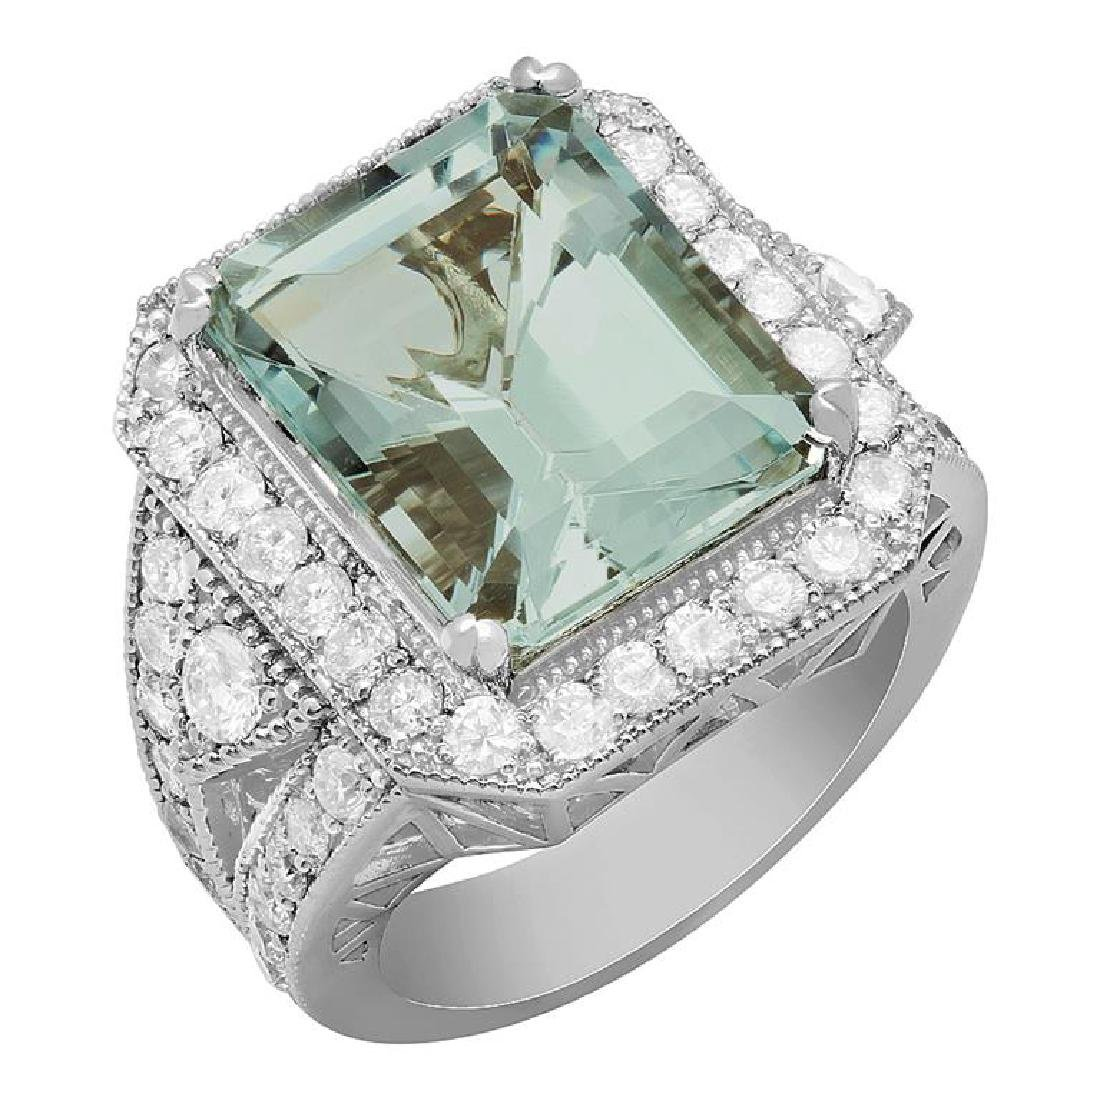 14k White Gold 9.65ct Aquamarine 2.12ct Diamond Ring